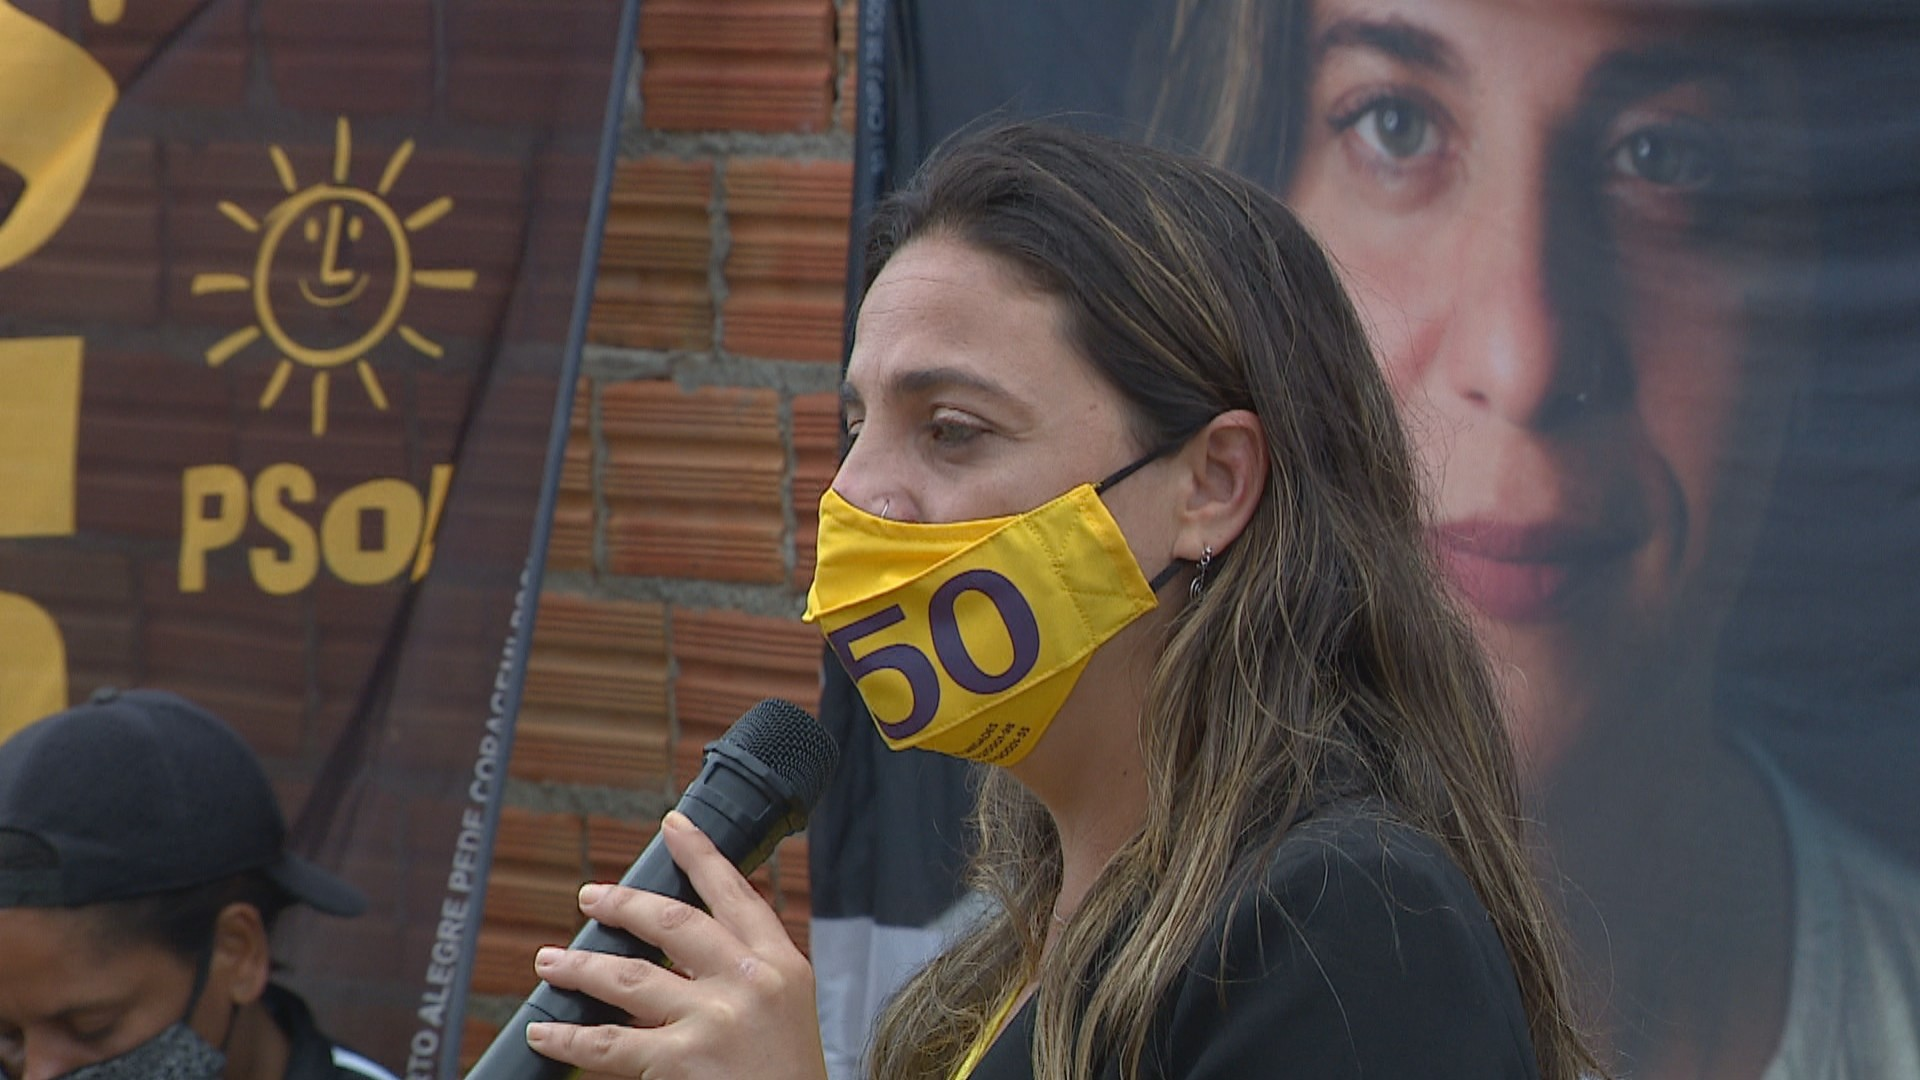 Eleições 2020: candidatos à Prefeitura de Porto Alegre fazem campanha nesta sexta-feira